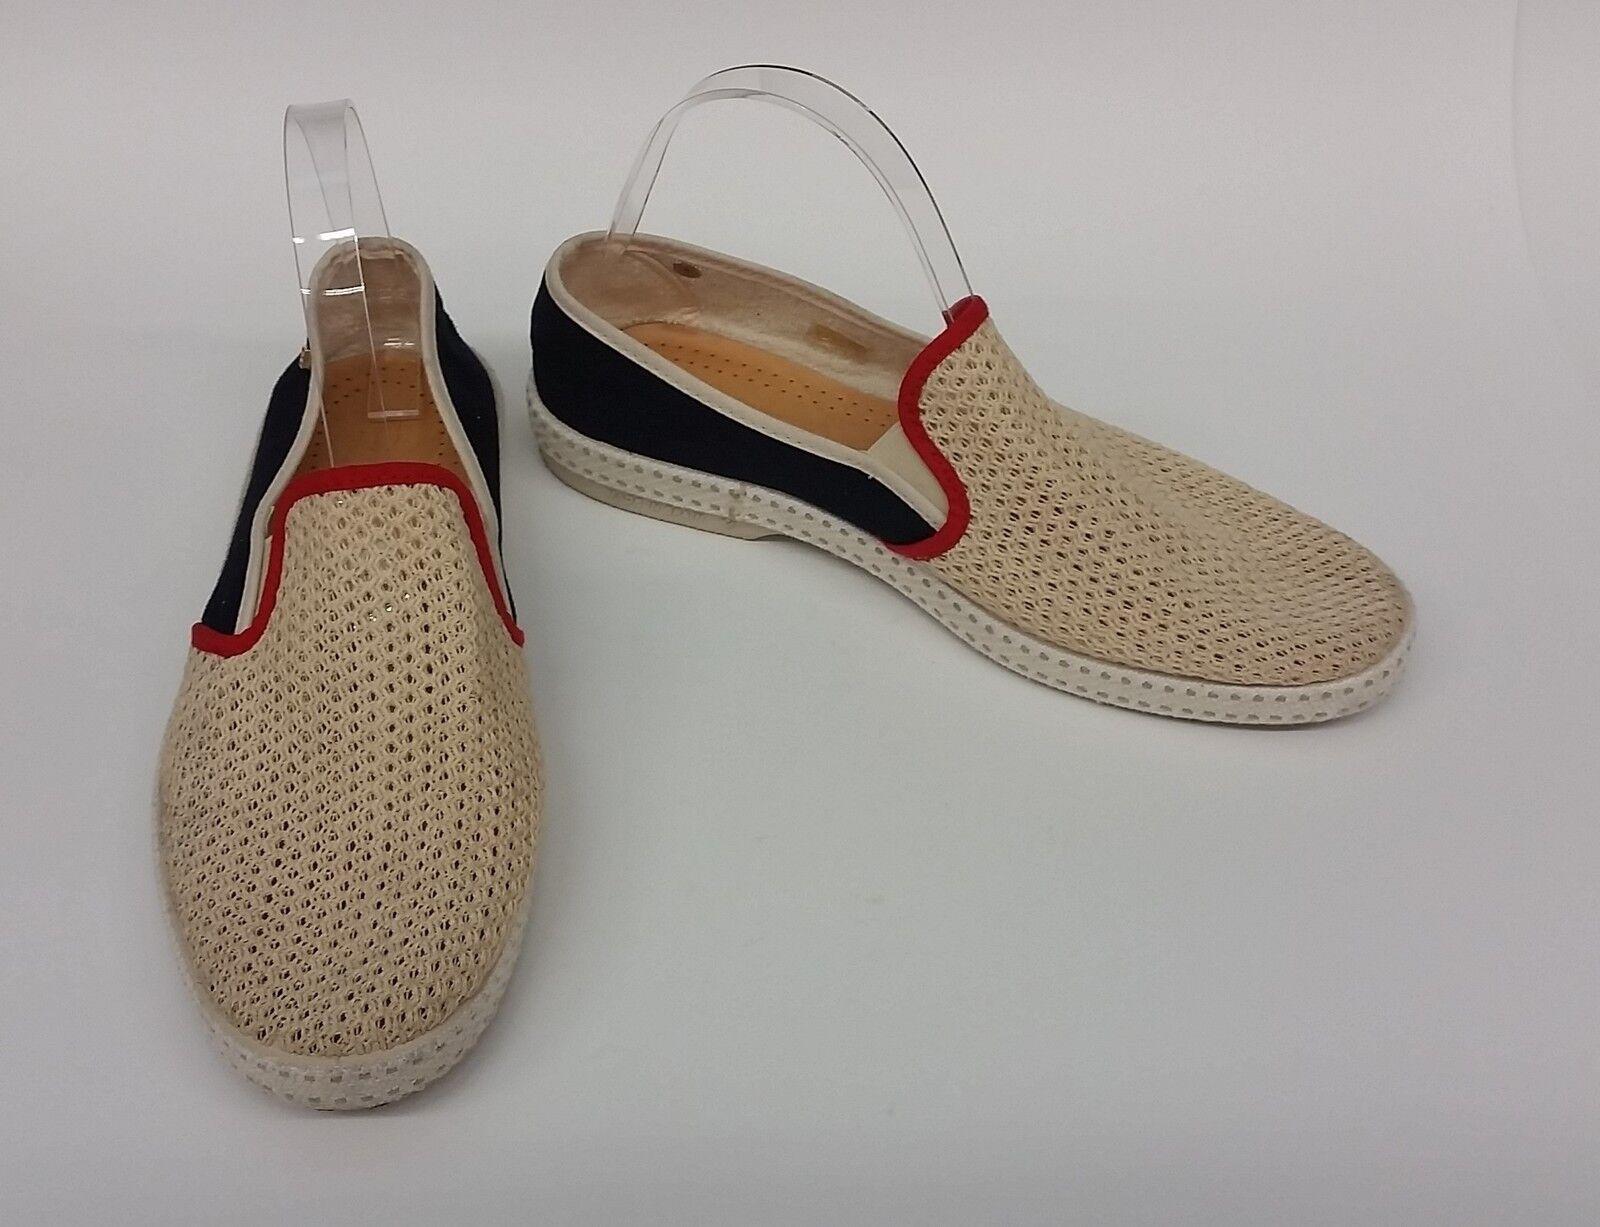 vendita all'ingrosso Rivieras scarpe Flats Flats Flats Cream blu rosso Slip On scarpe da ginnastica Mesh Dimensione US 10.5 EU 41  consegna veloce